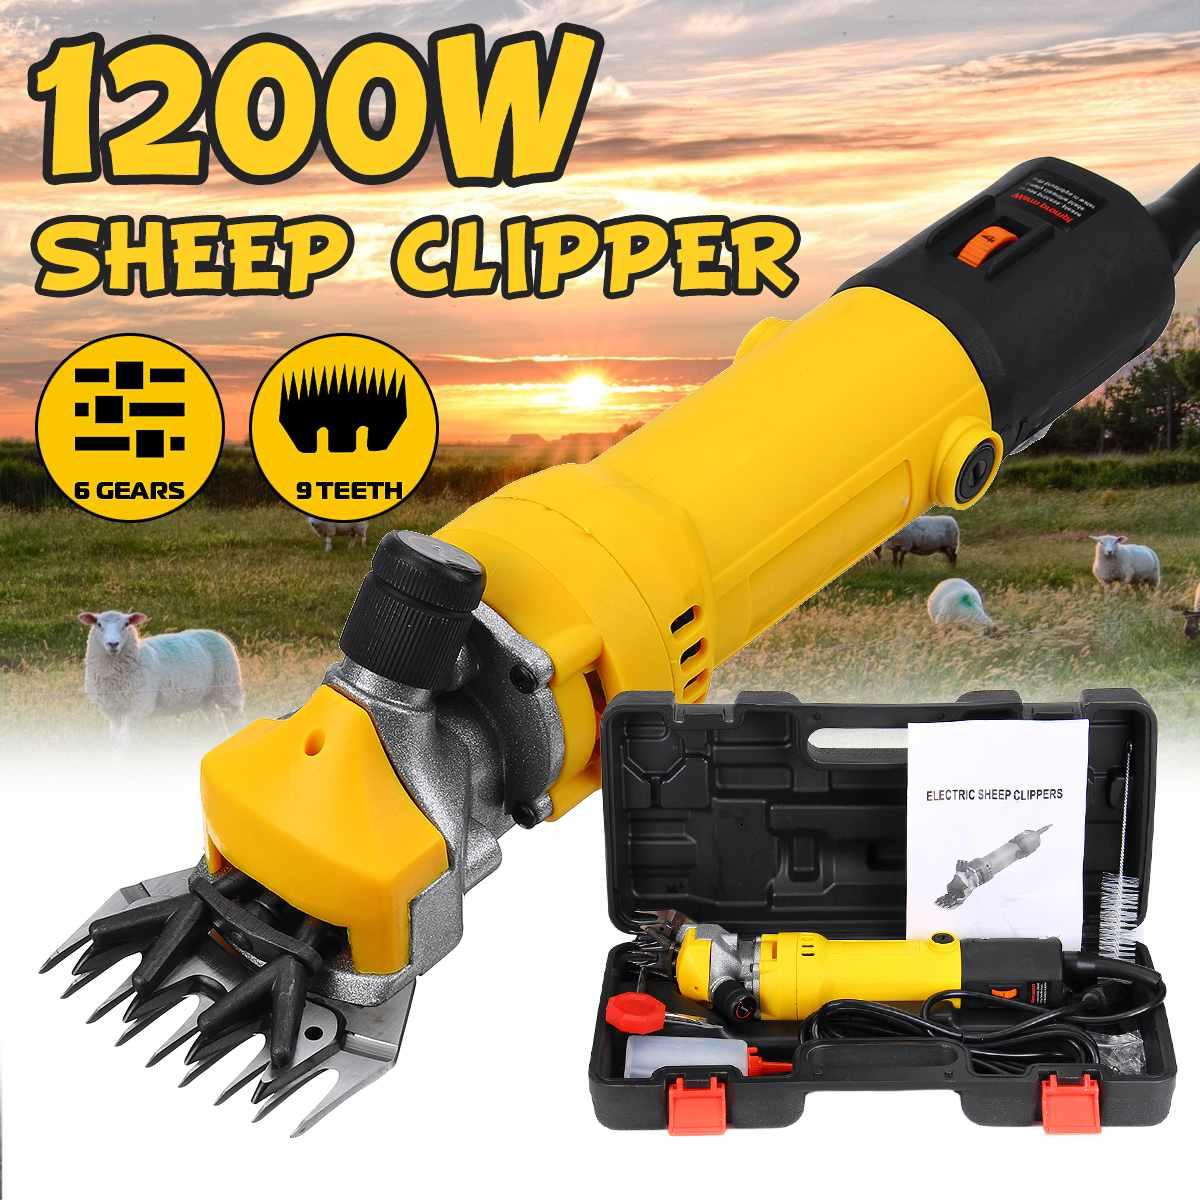 1200W 110V 220V 6 Gears Speed Electric Sheep Goat Shearing Machine Clipper Farm Shears Cutter Wool scissor Cut Machine